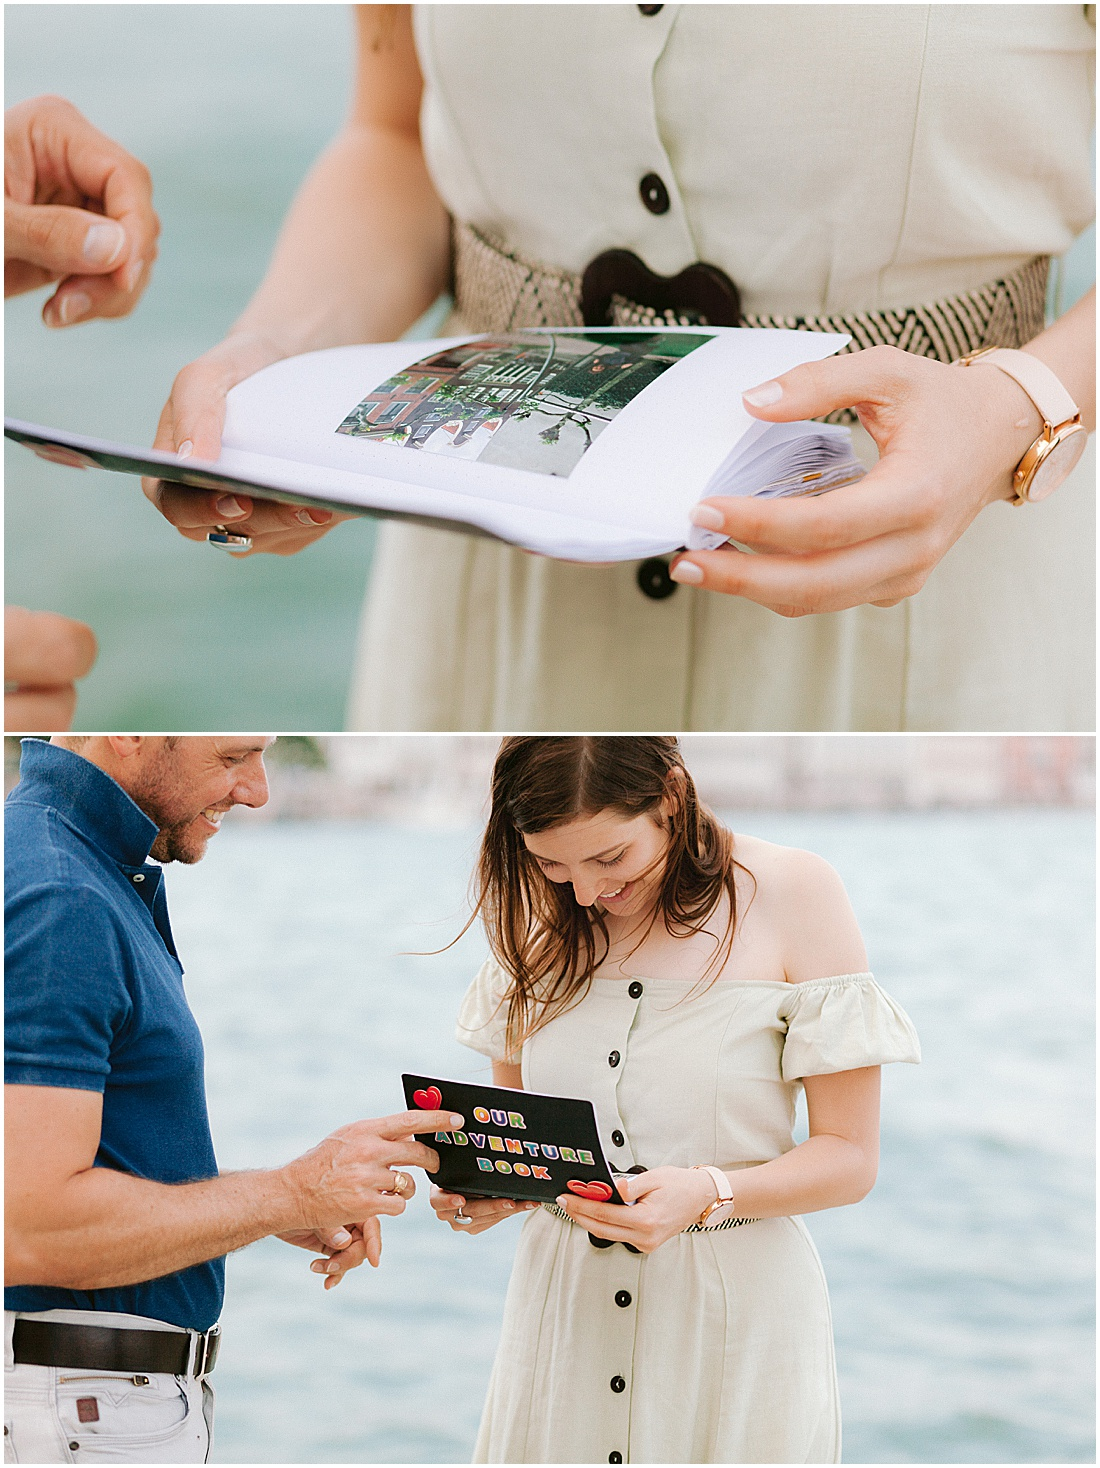 wedding-surprise-proposal-photographer-venice-gondola-sunset-stefano-degirmenci_0364.jpg